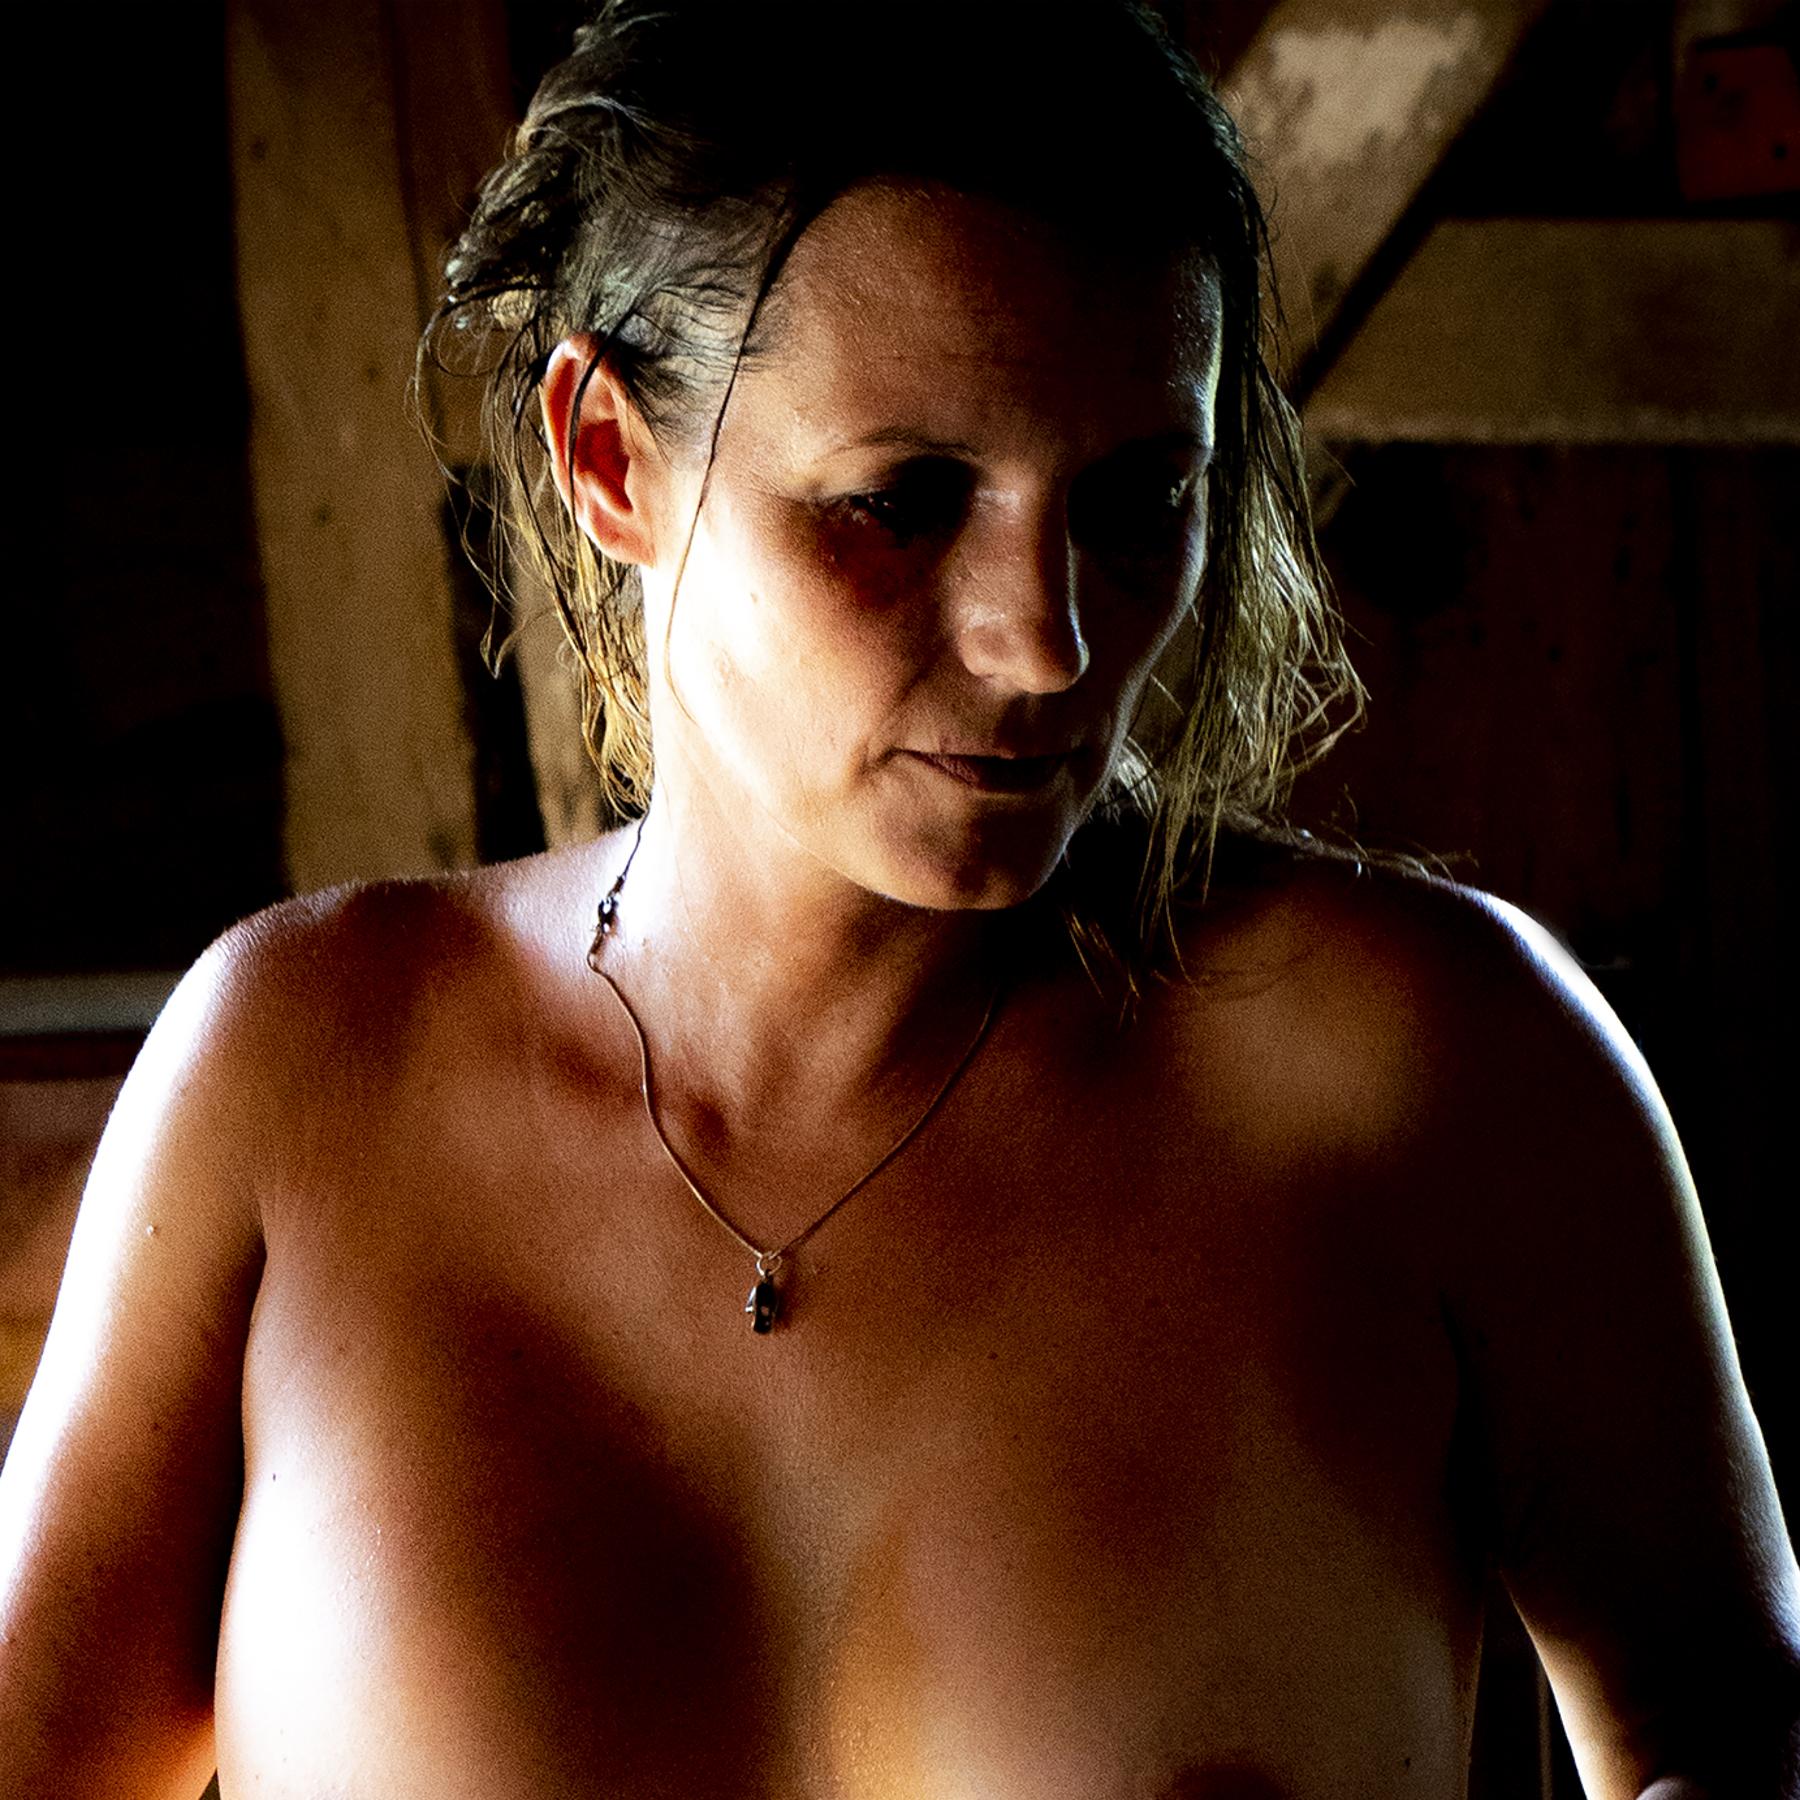 Diane Kravetz_Pensive.jpg